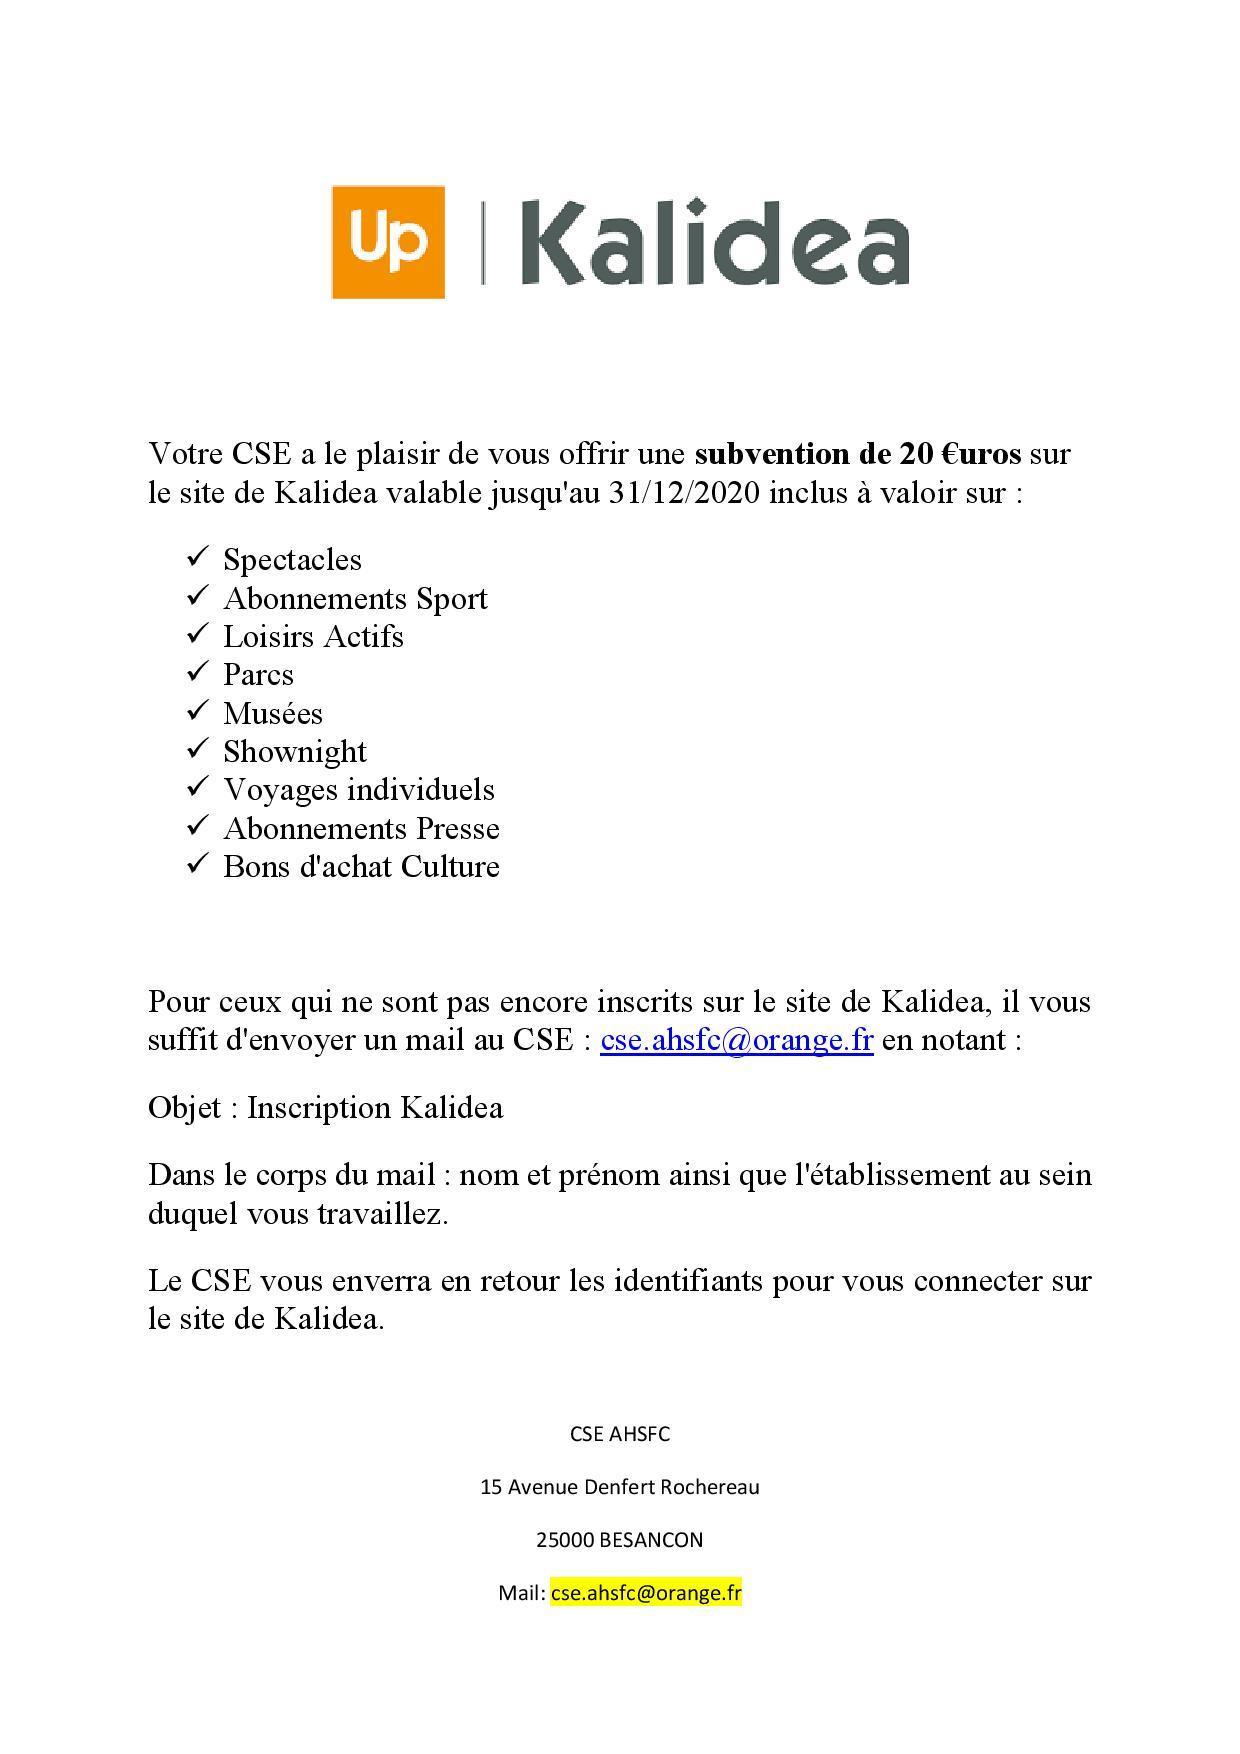 Votre cse a le plaisir de vous offrir une subvention de 20 € page 2